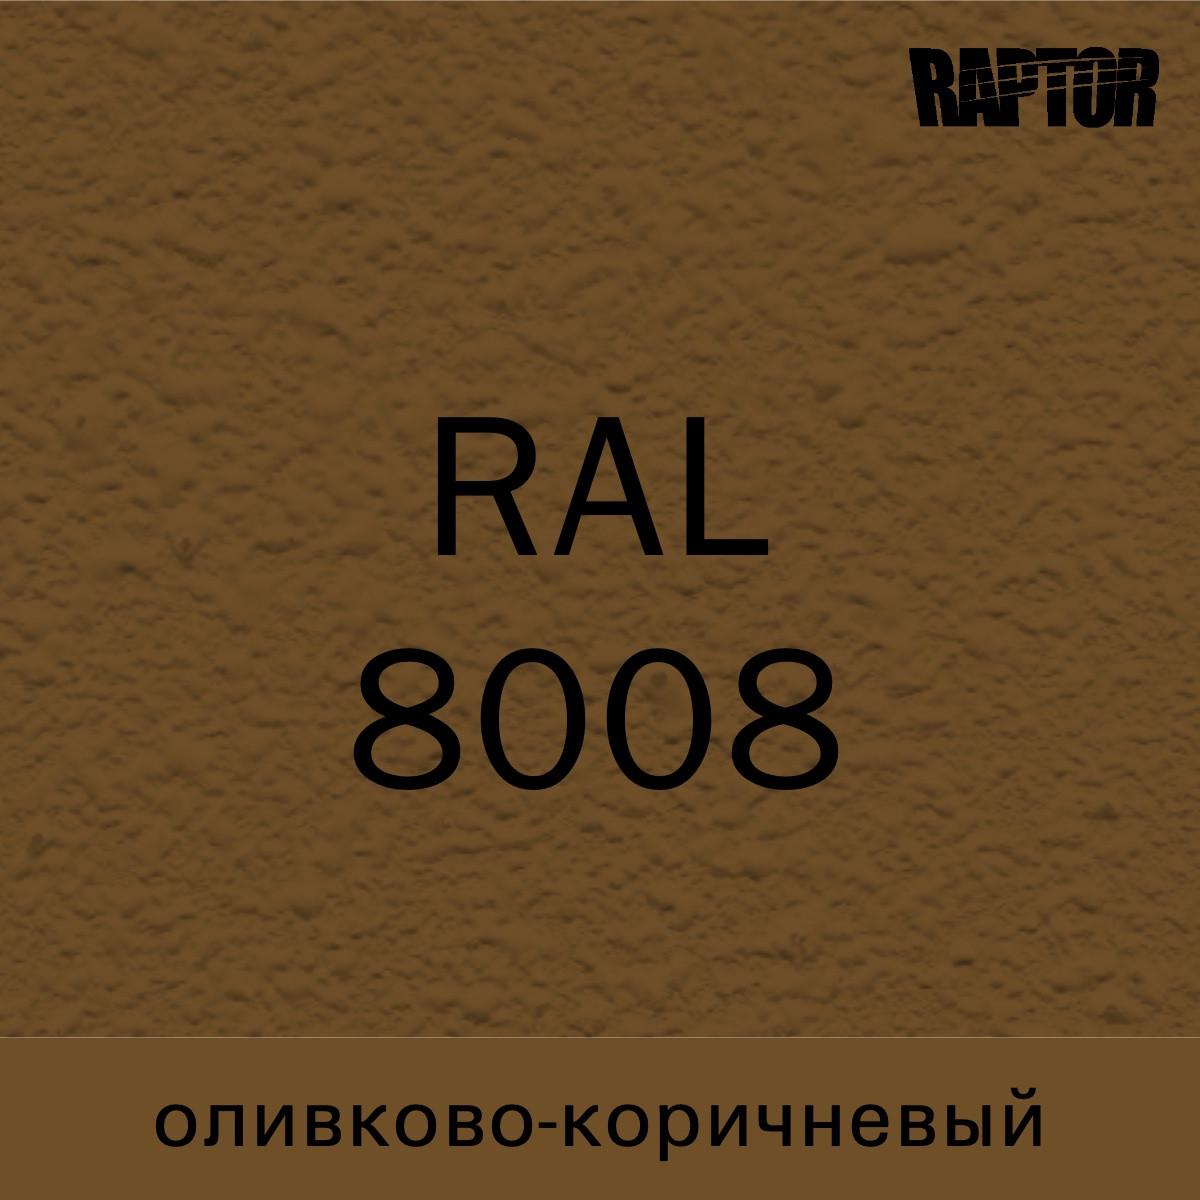 Пигмент для колеровки покрытия RAPTOR™ Оливково-коричневый (RAL 8008)